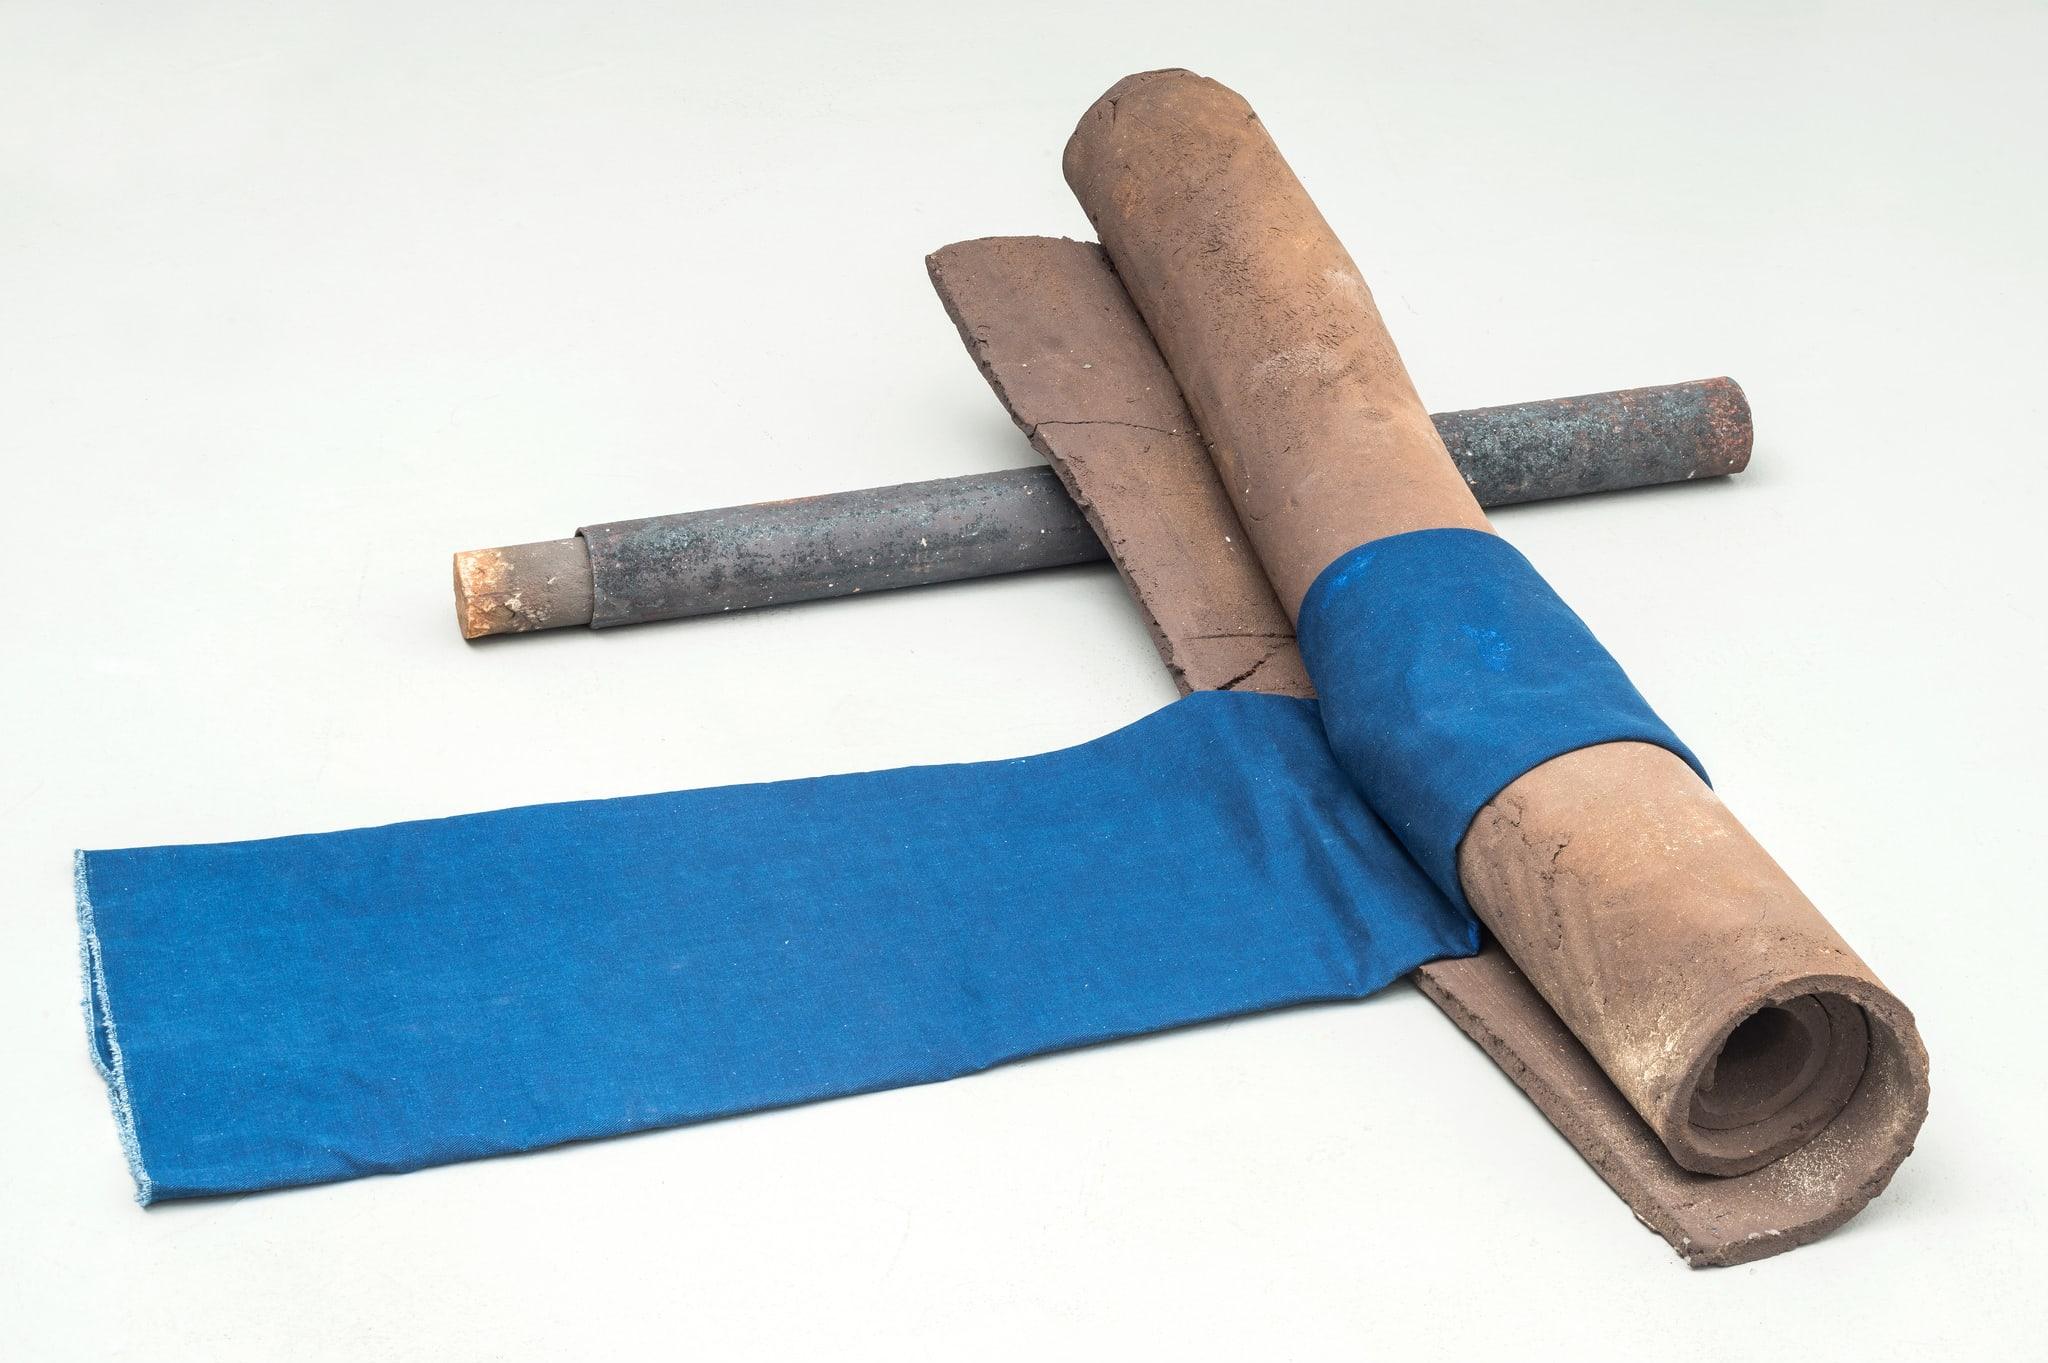 Grosse Kreise, blau by Katinka Bock